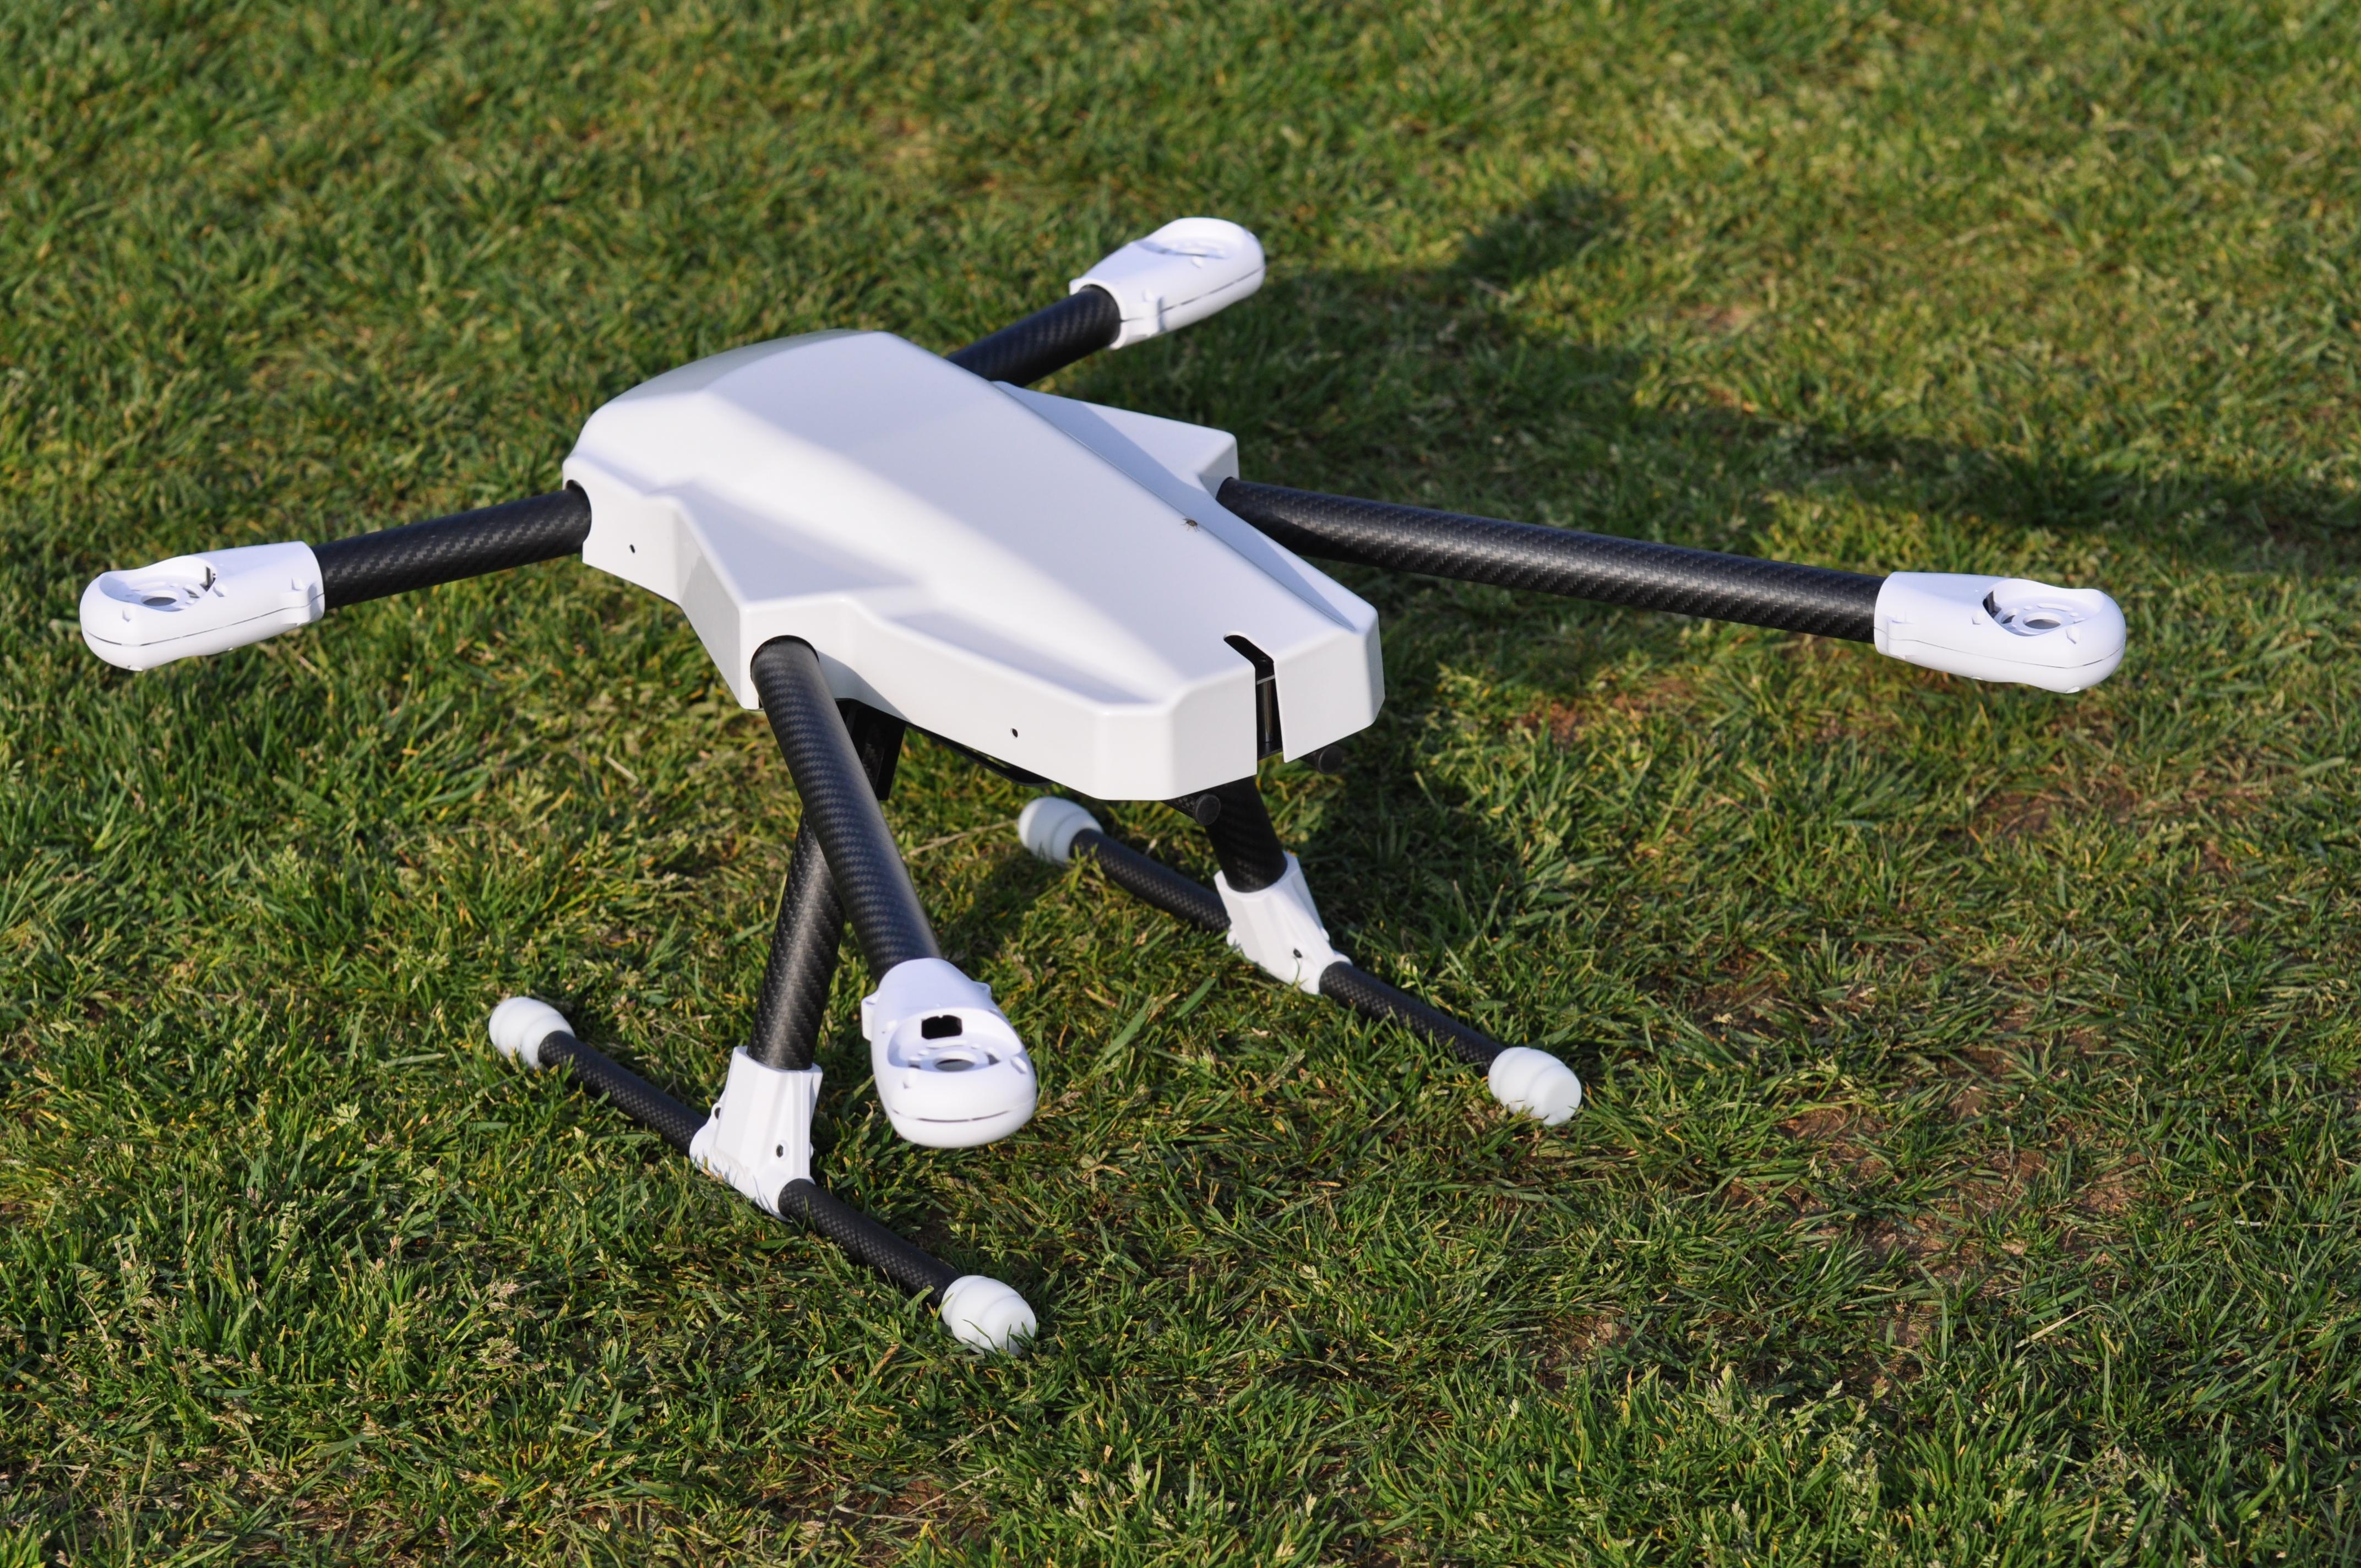 Quanum Spider 700 Professional Frame - X4 Quadcopter & X8 Octocopter ...